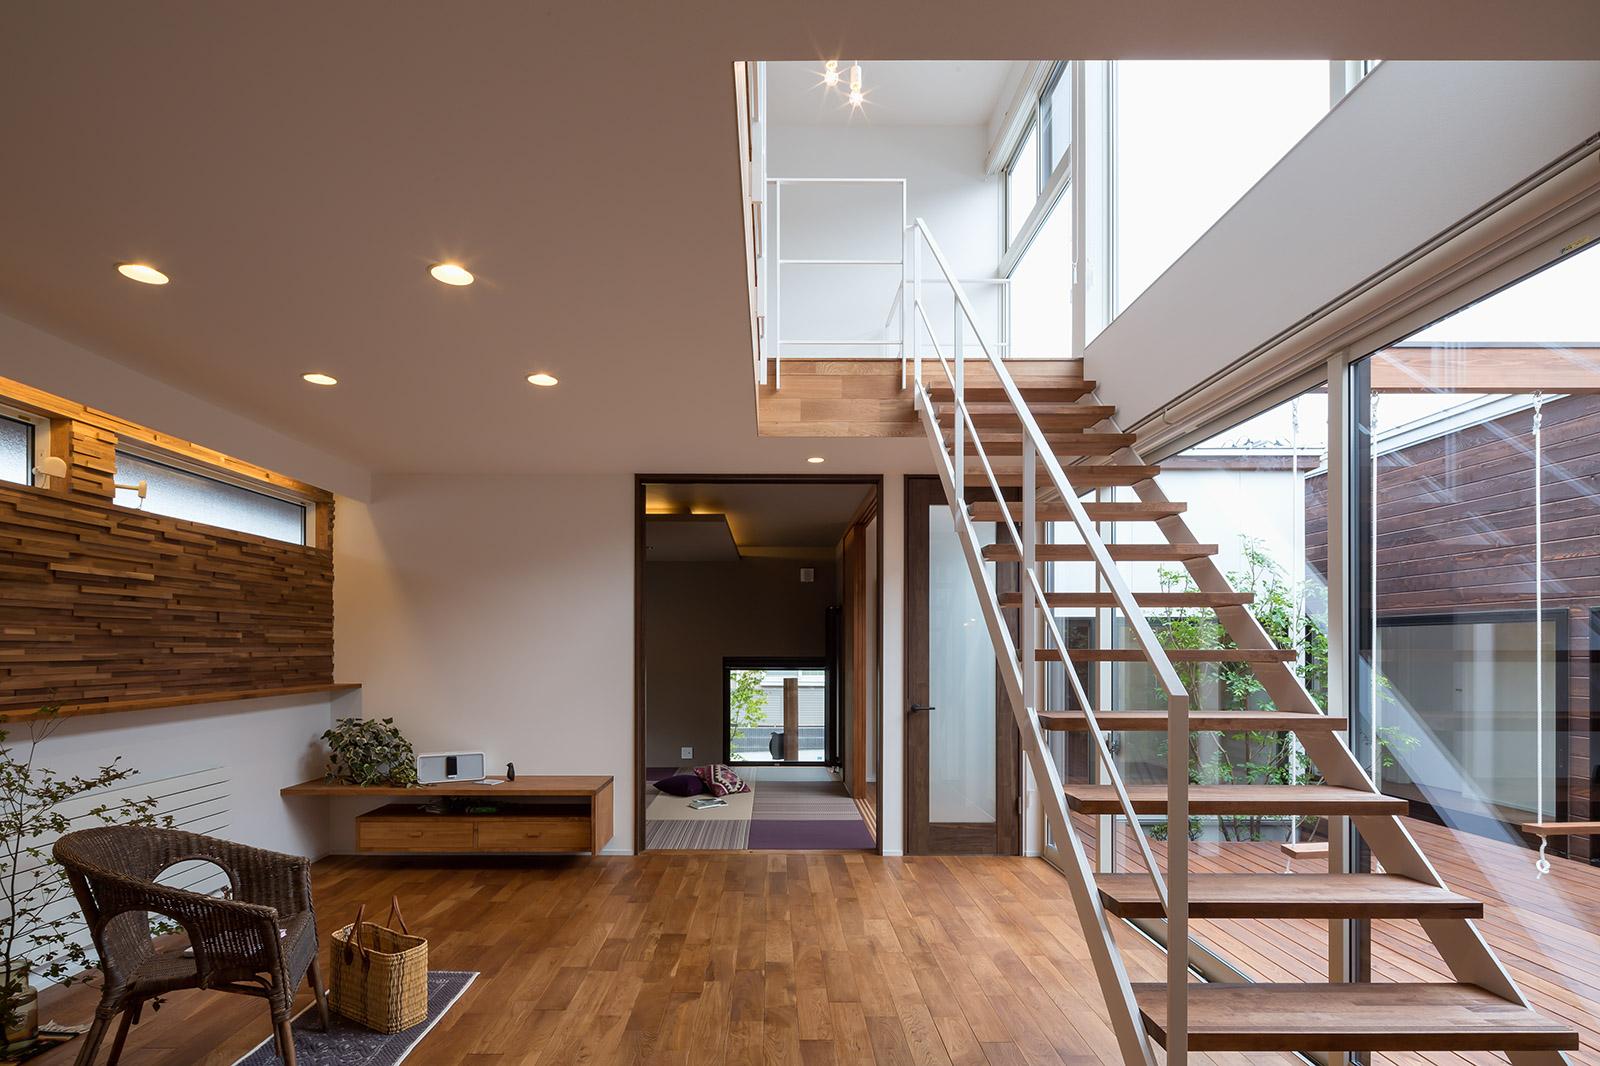 親世帯のリビングと和室(奥)。視線が遠くまで広がるオープンな空間構成で、窓配置の工夫と中庭からの光で十分明るく開放的